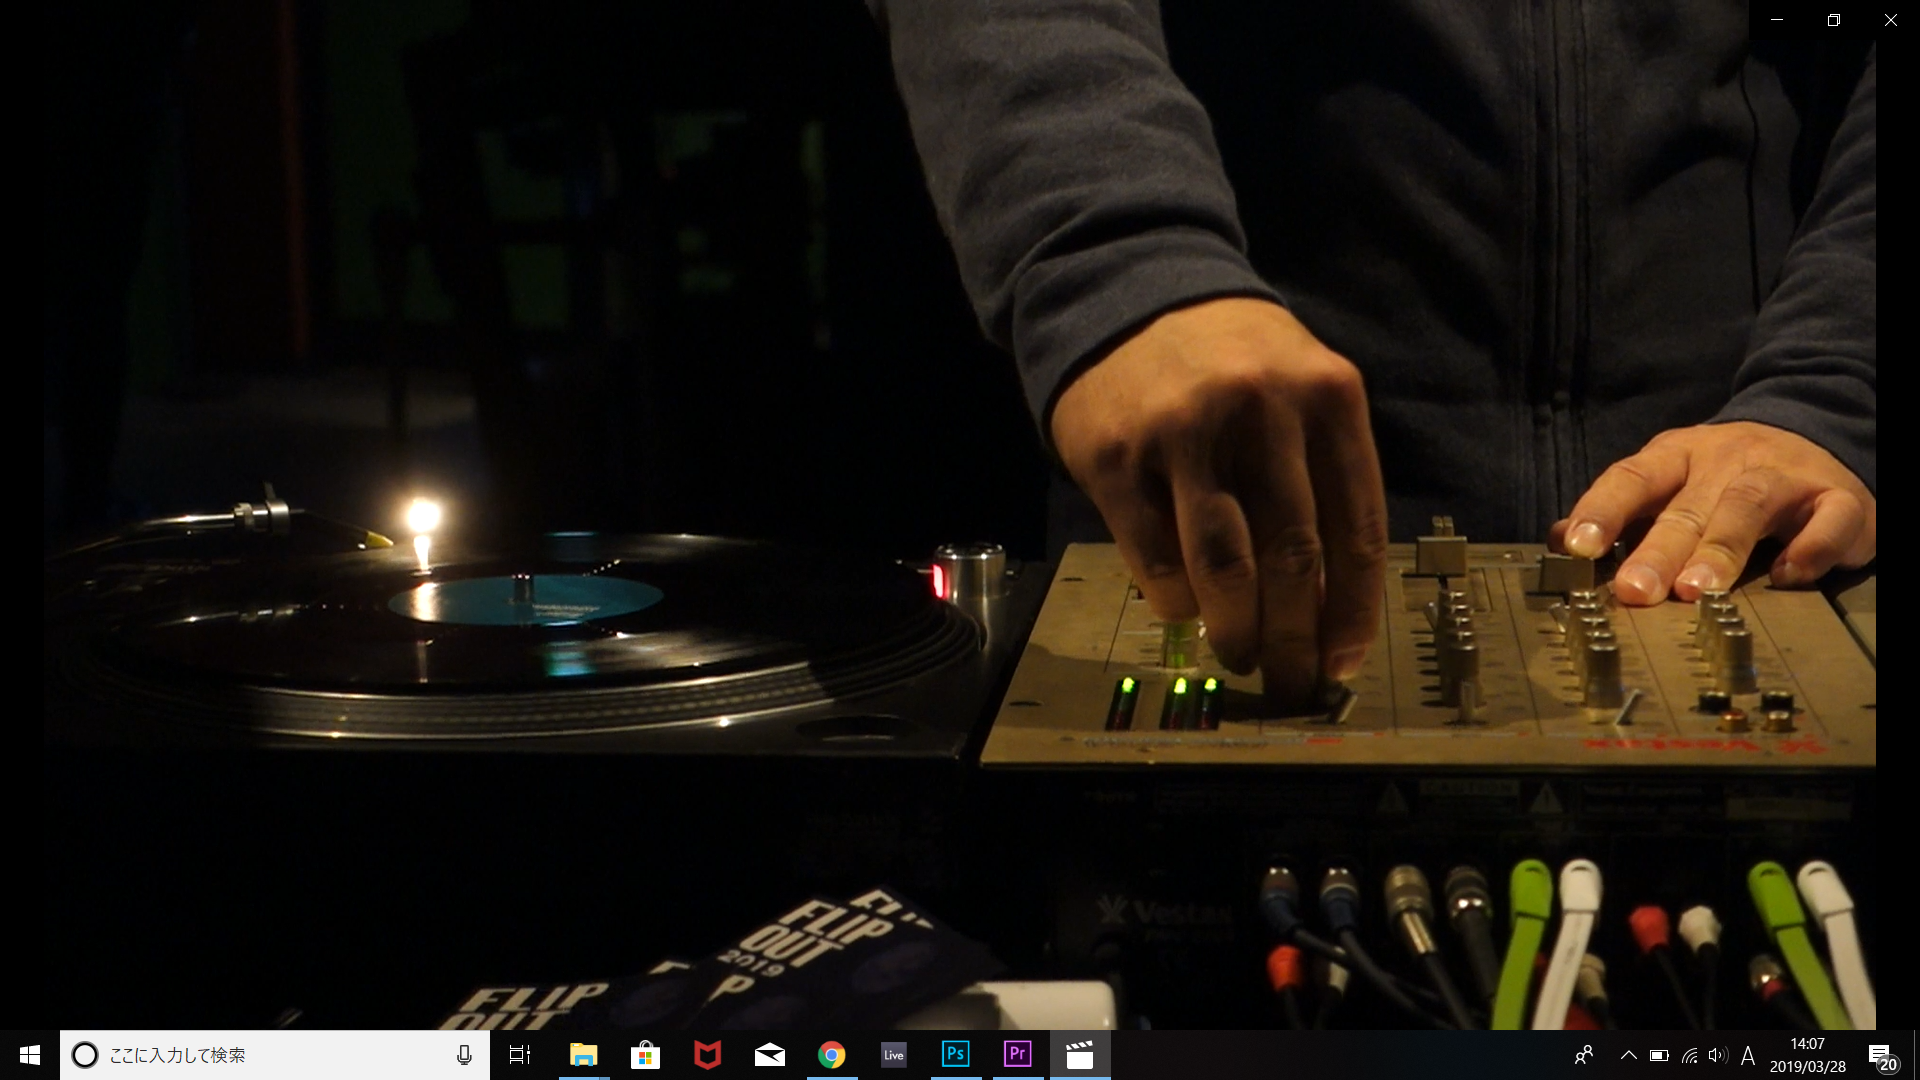 DJ shuuma